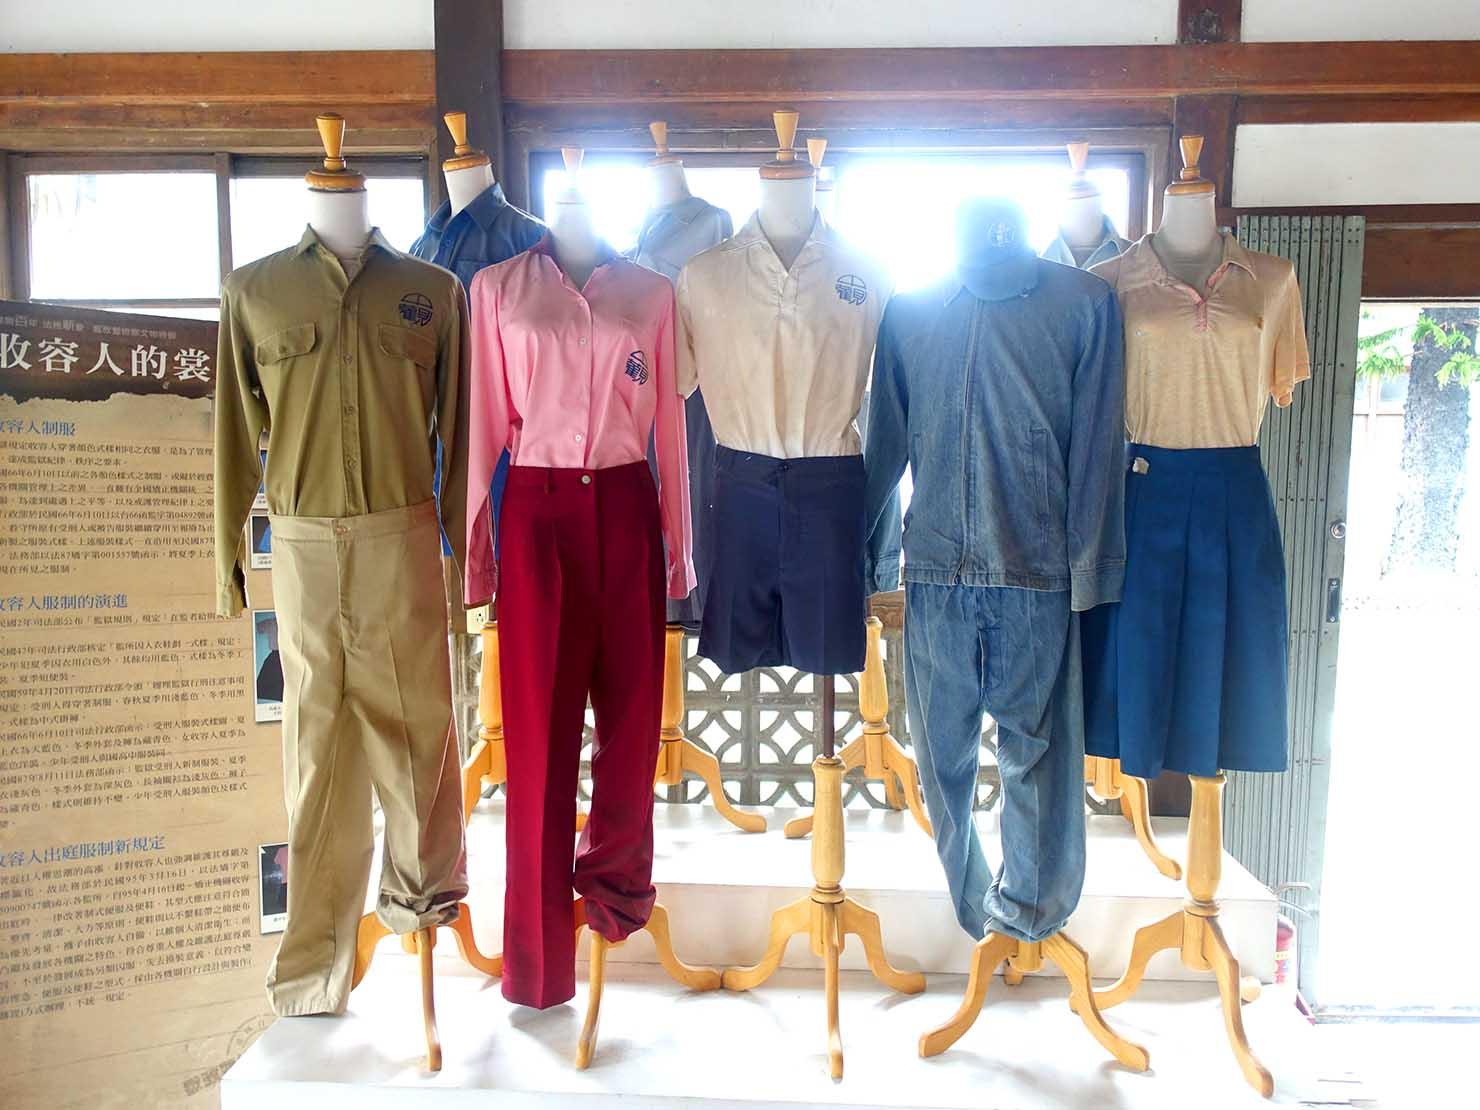 嘉義のおすすめ観光スポット「嘉義舊監獄」に展示された当時の囚人服